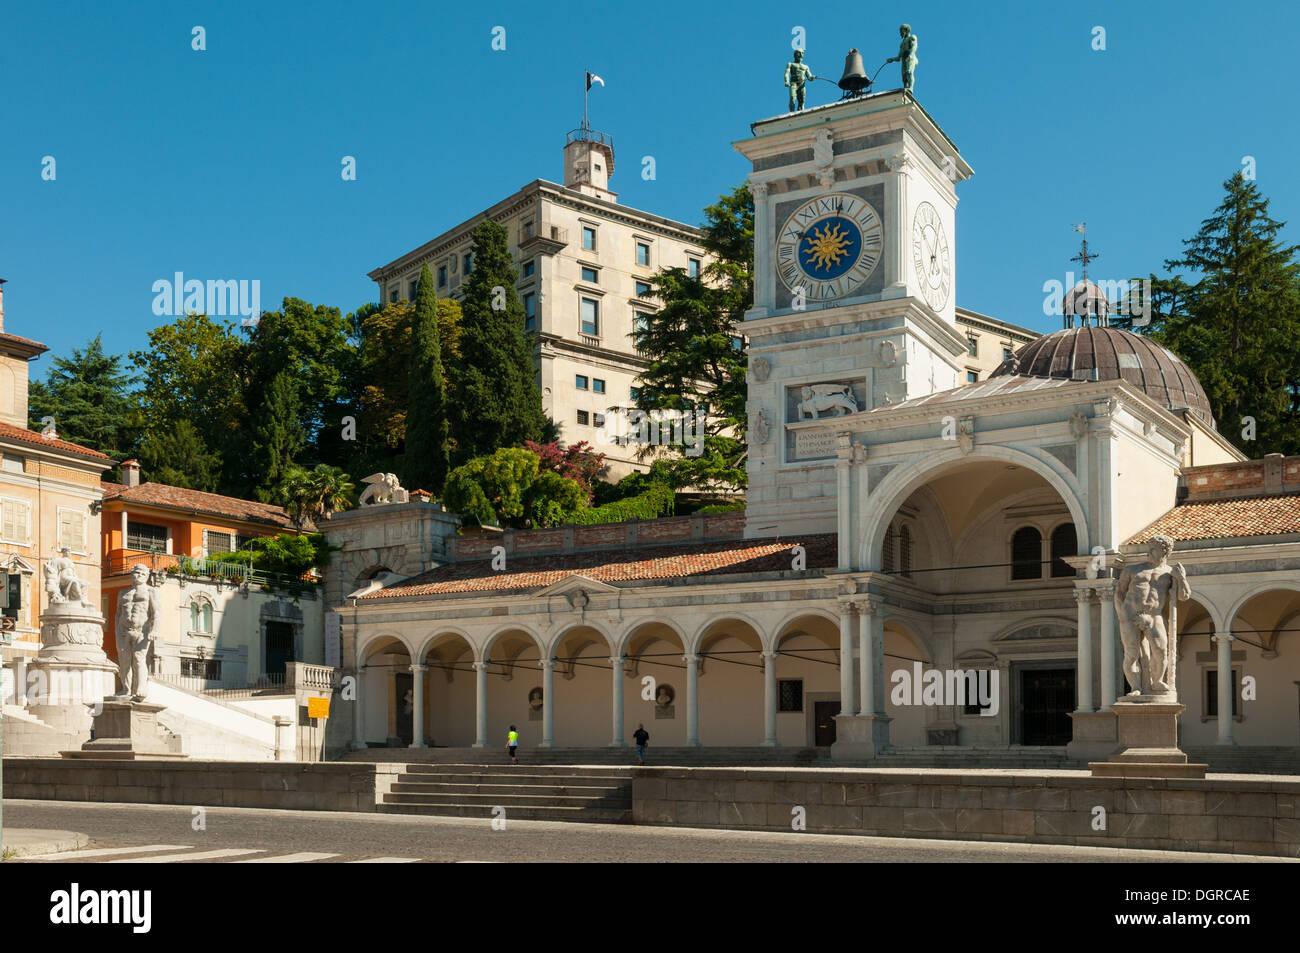 Piazza della Liberta, Udine, Friuli-Venezia Giulia, Italy - Stock Image